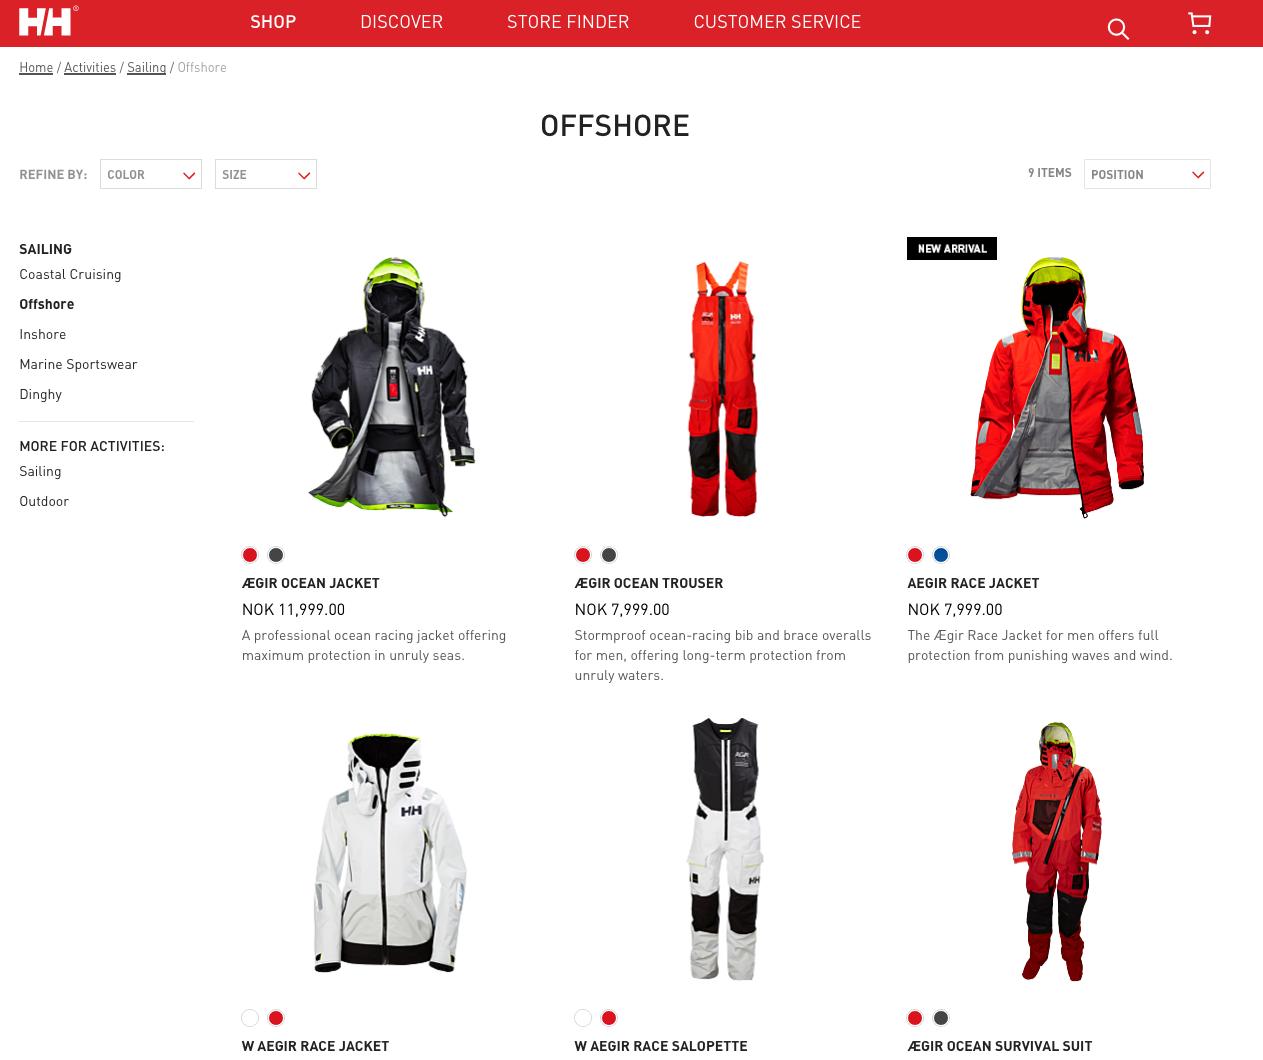 De webshop van Helly Hansen, zeilkleding